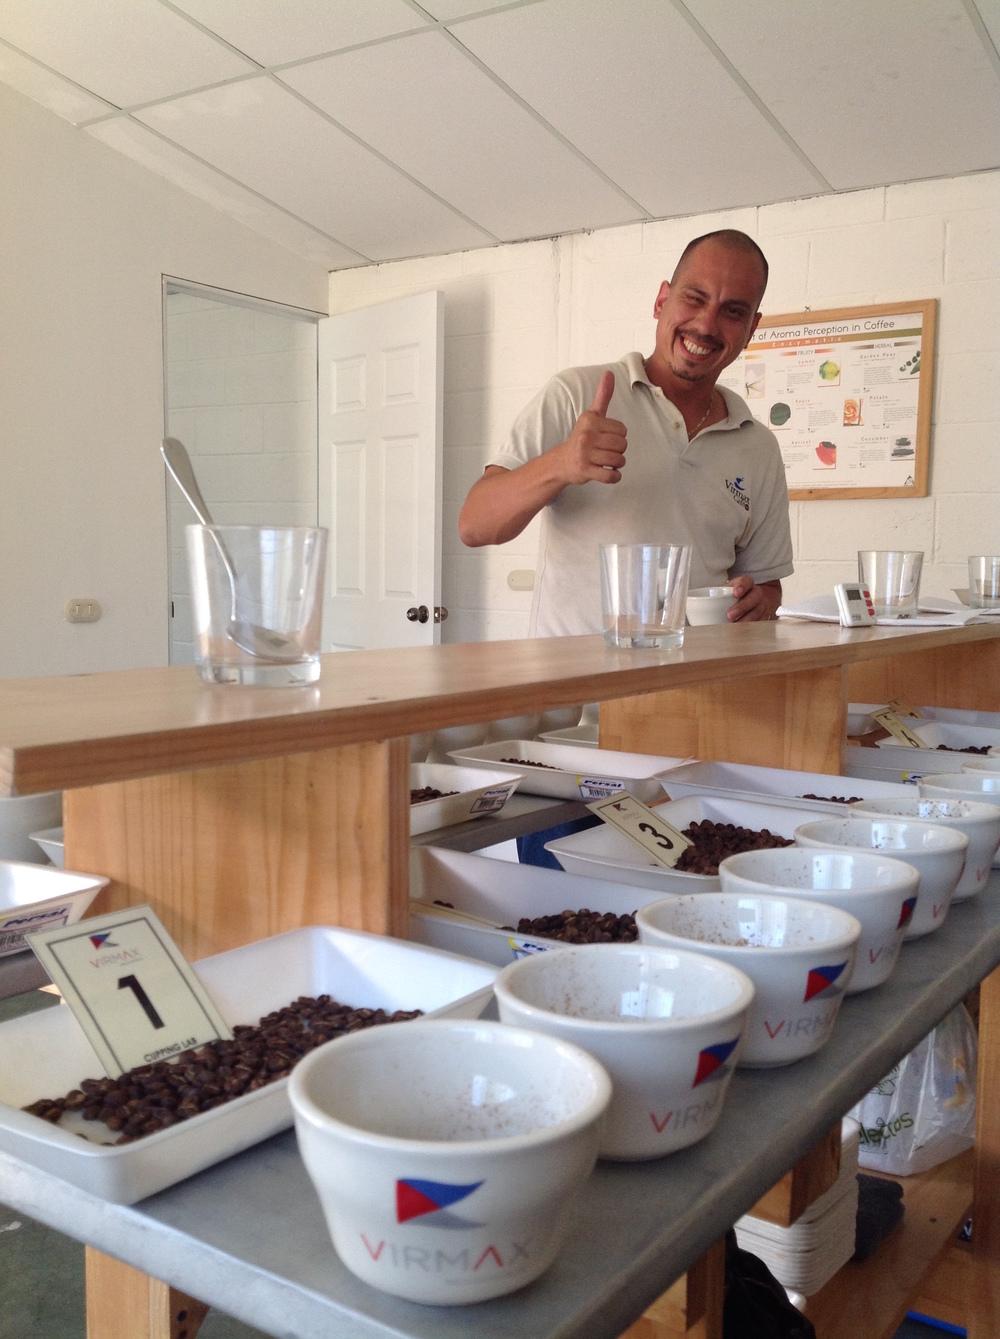 Hugo Lopez, cupping deliveries at Beneficio Montecristo in Metapan, El Salvador